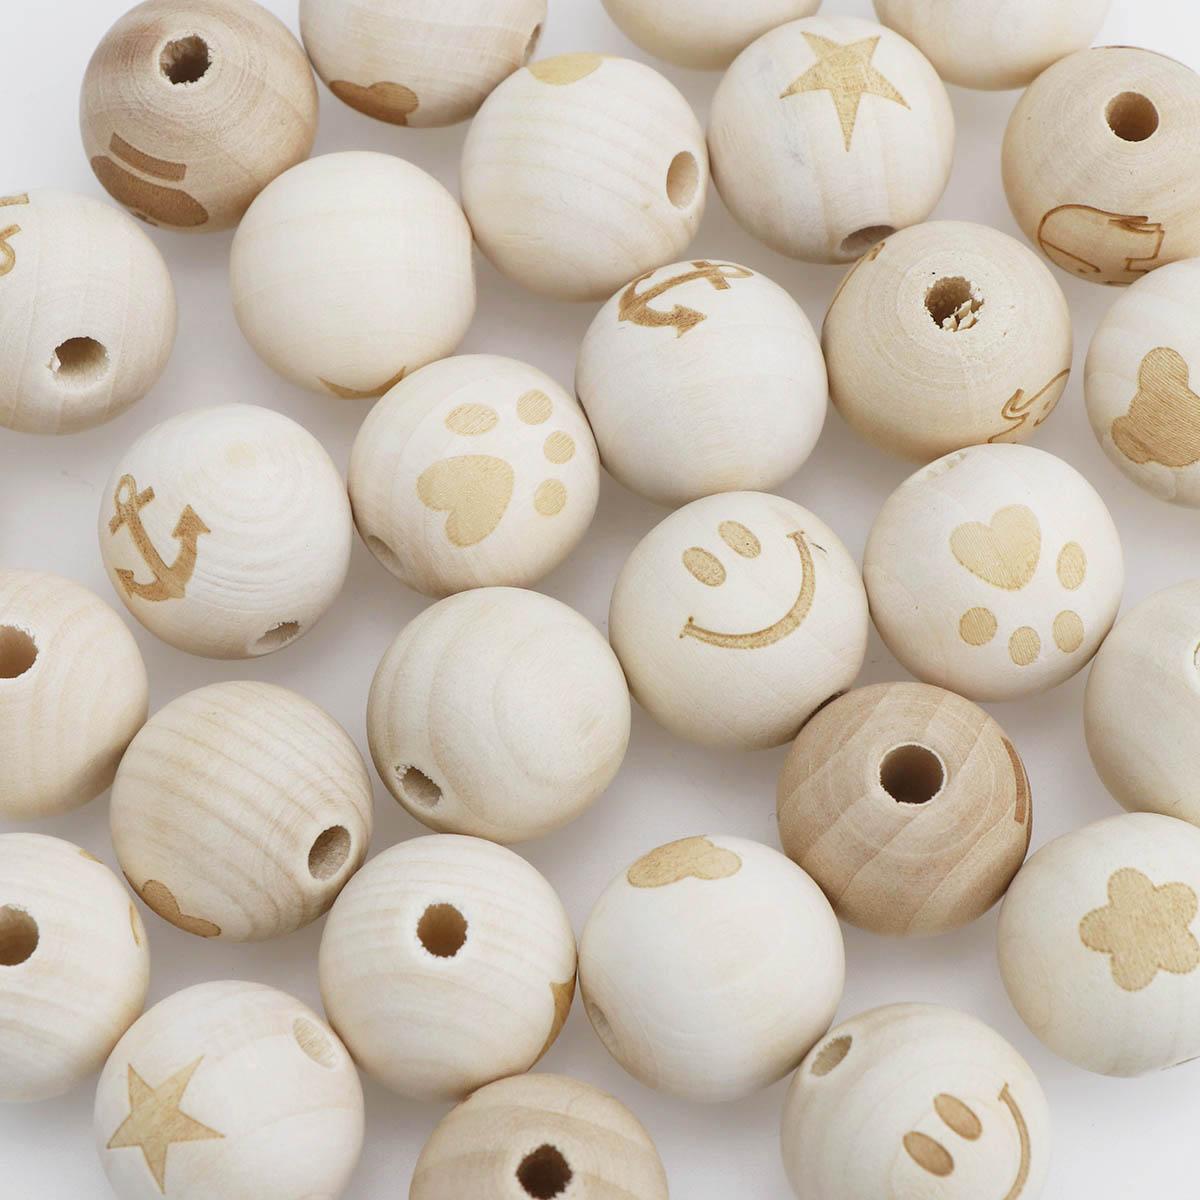 Смешанные 20 штук 20 мм DIY улыбающееся лицо деревянные бусины натуральный шар круглый натуральный деревянный бисер улыбающееся лицо Сердце З...